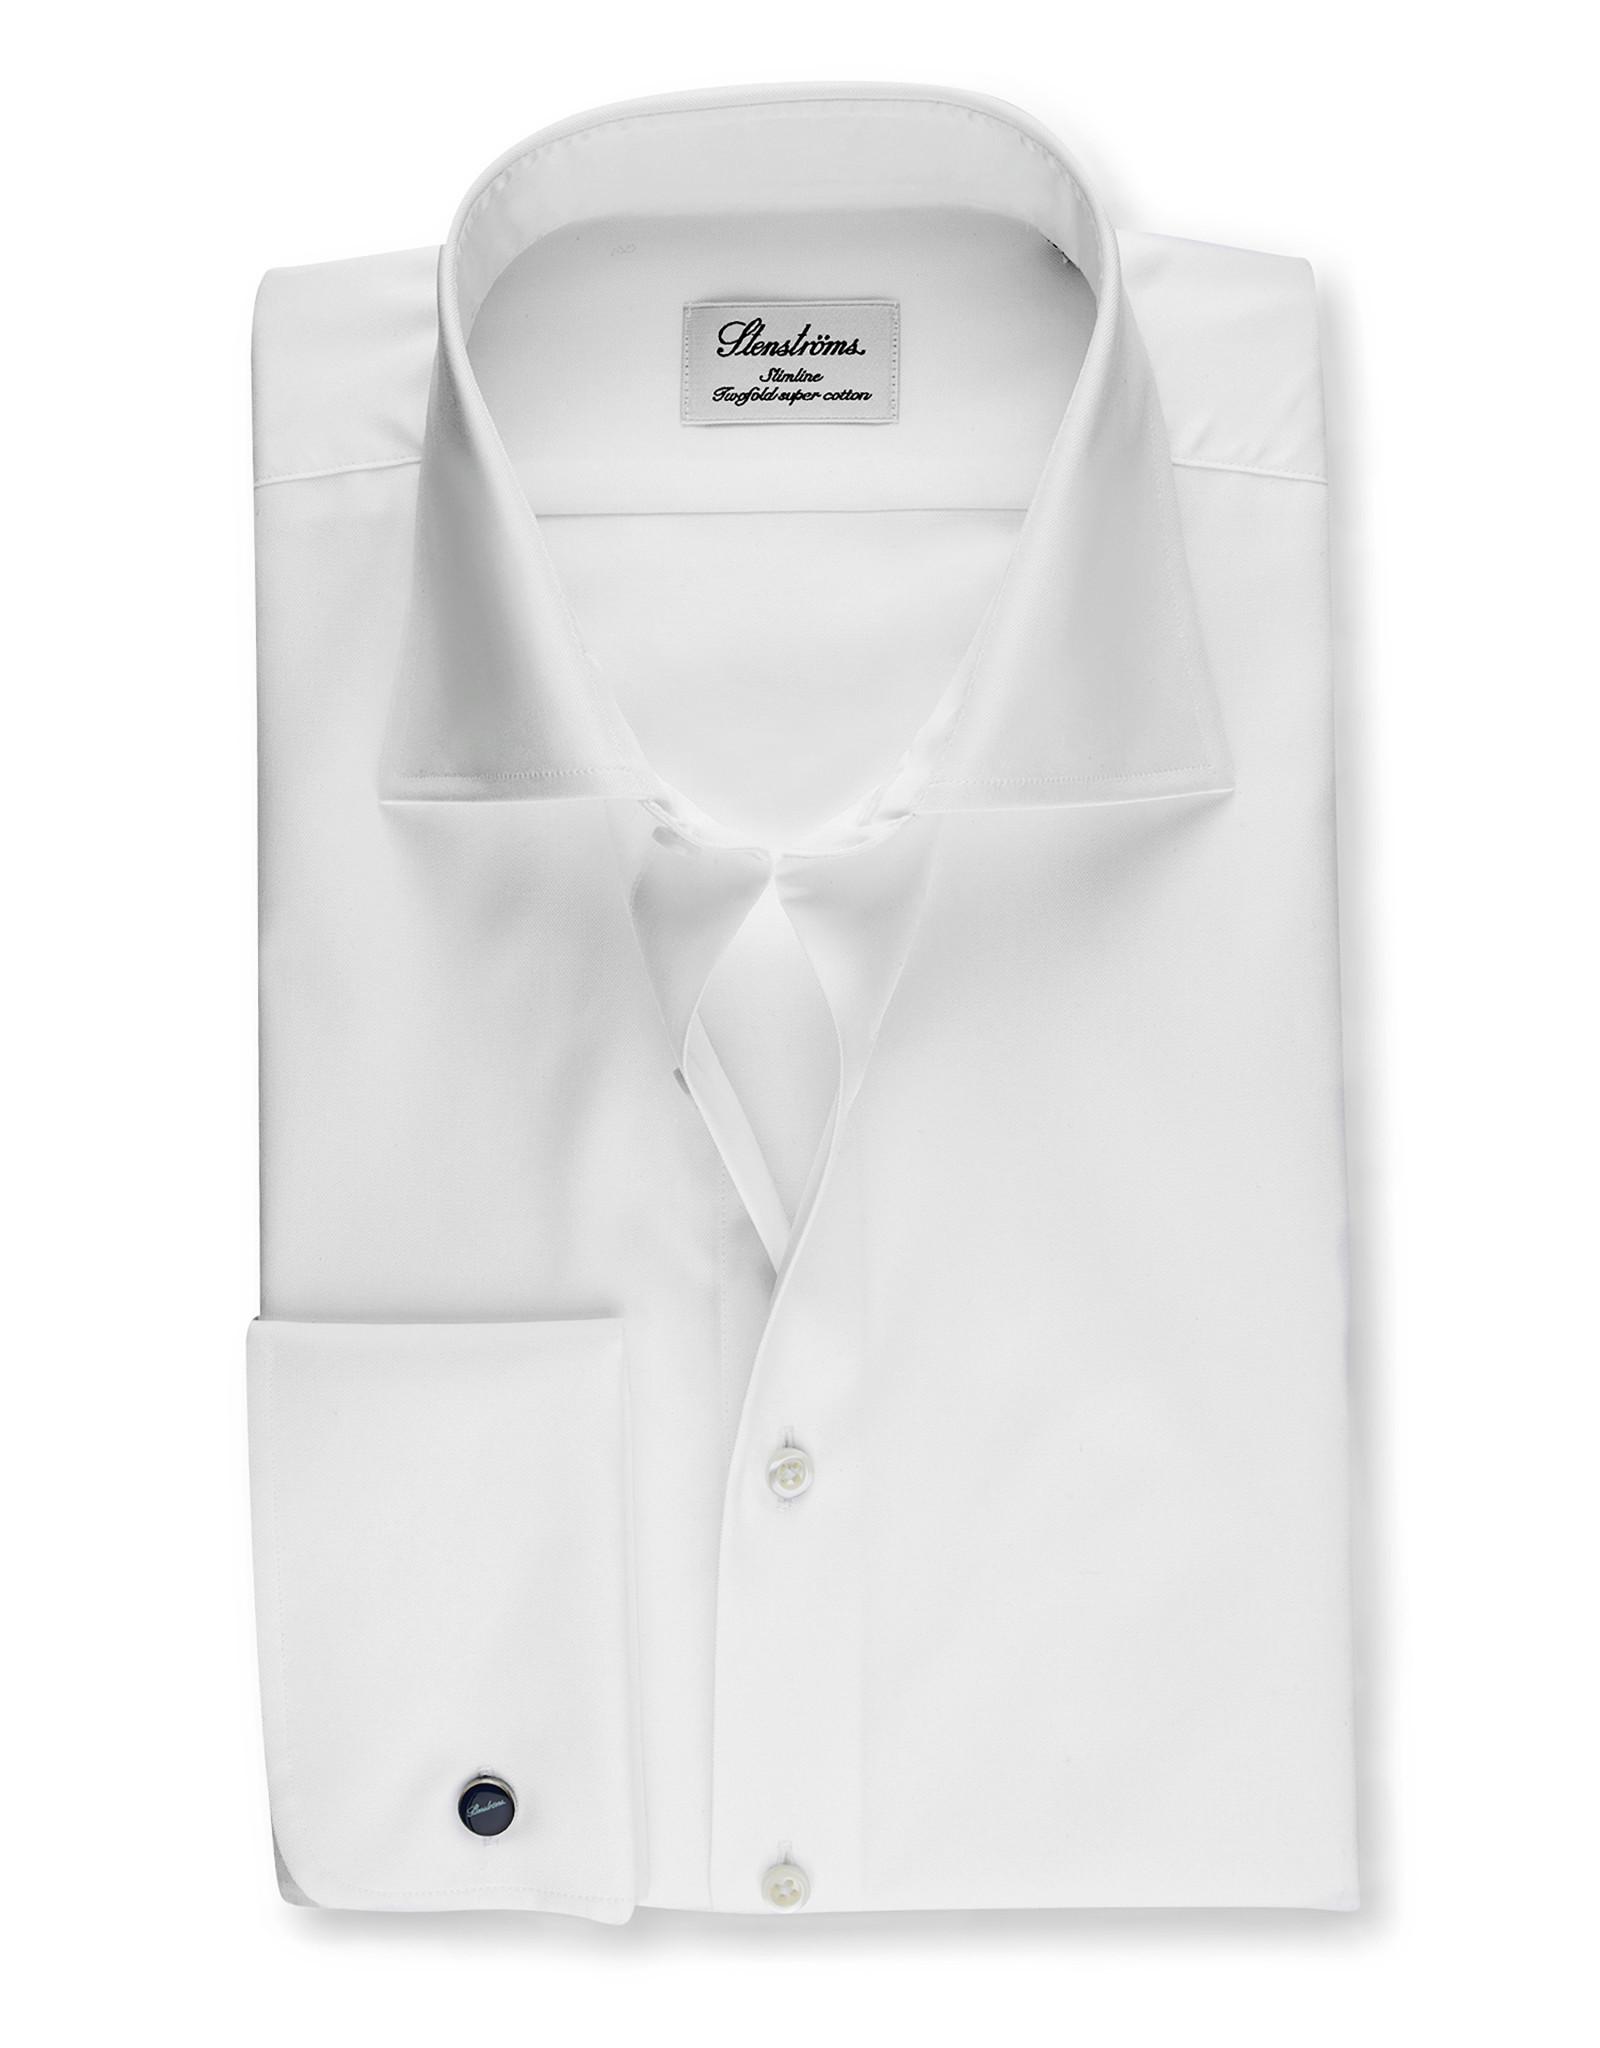 Stenströms Stenströms hemd wit DM Slimline 703771-1467/000